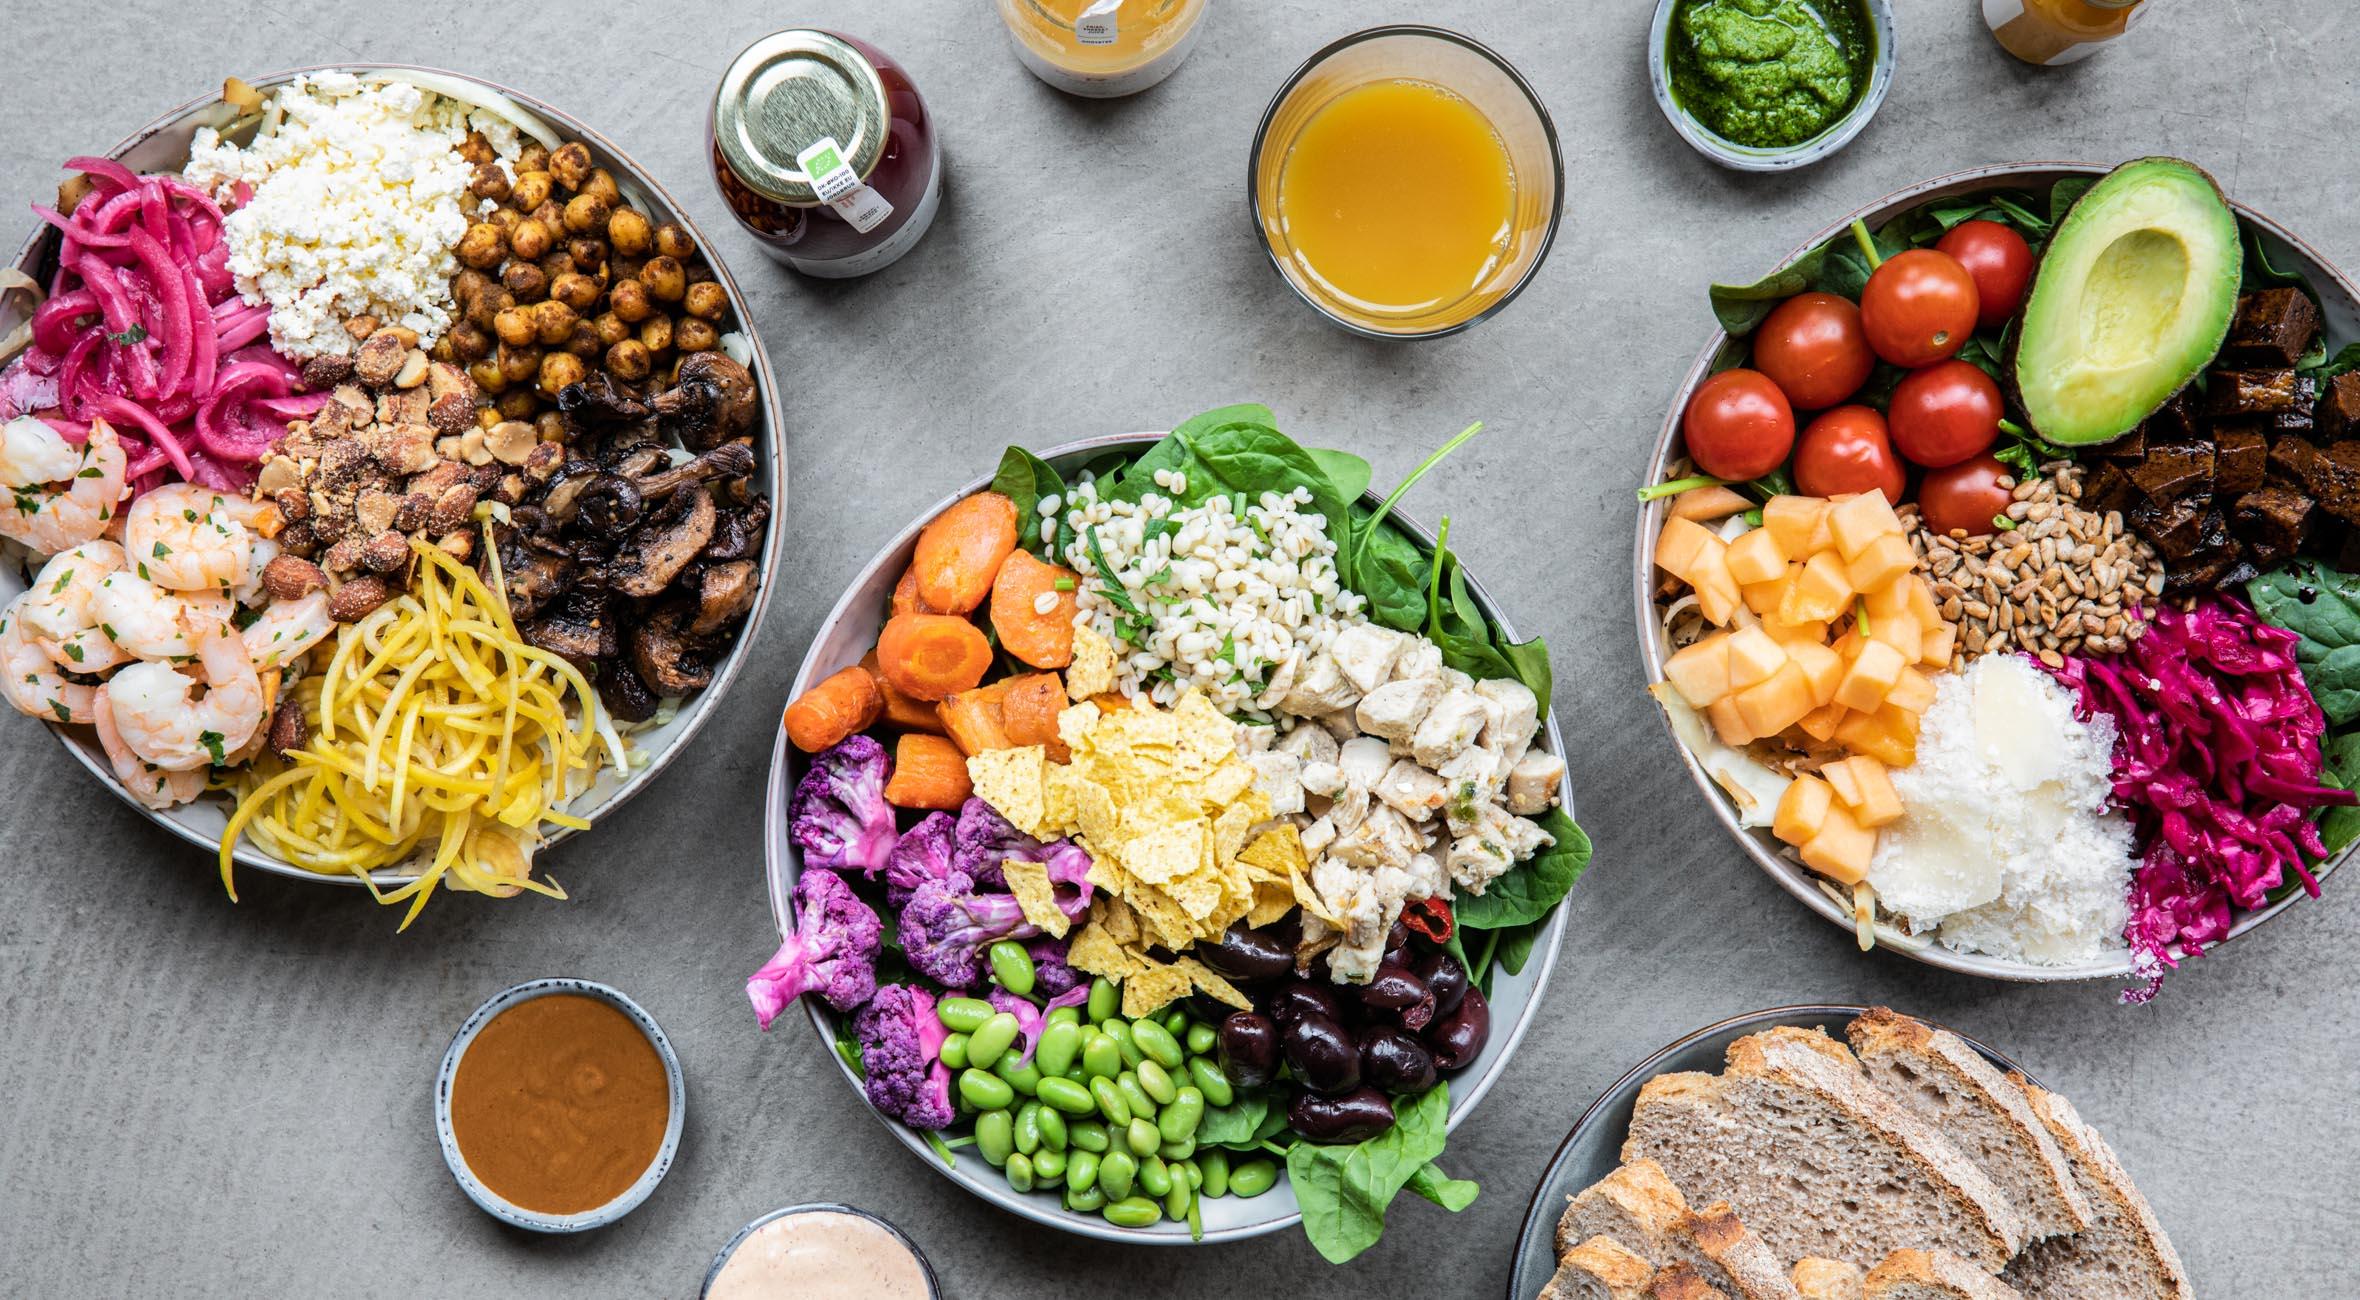 2 bowls + 2 juice hos nyåbnede KALE på Frederiksberg – Ny salatbar sætter skarpt på bæredygtighed &